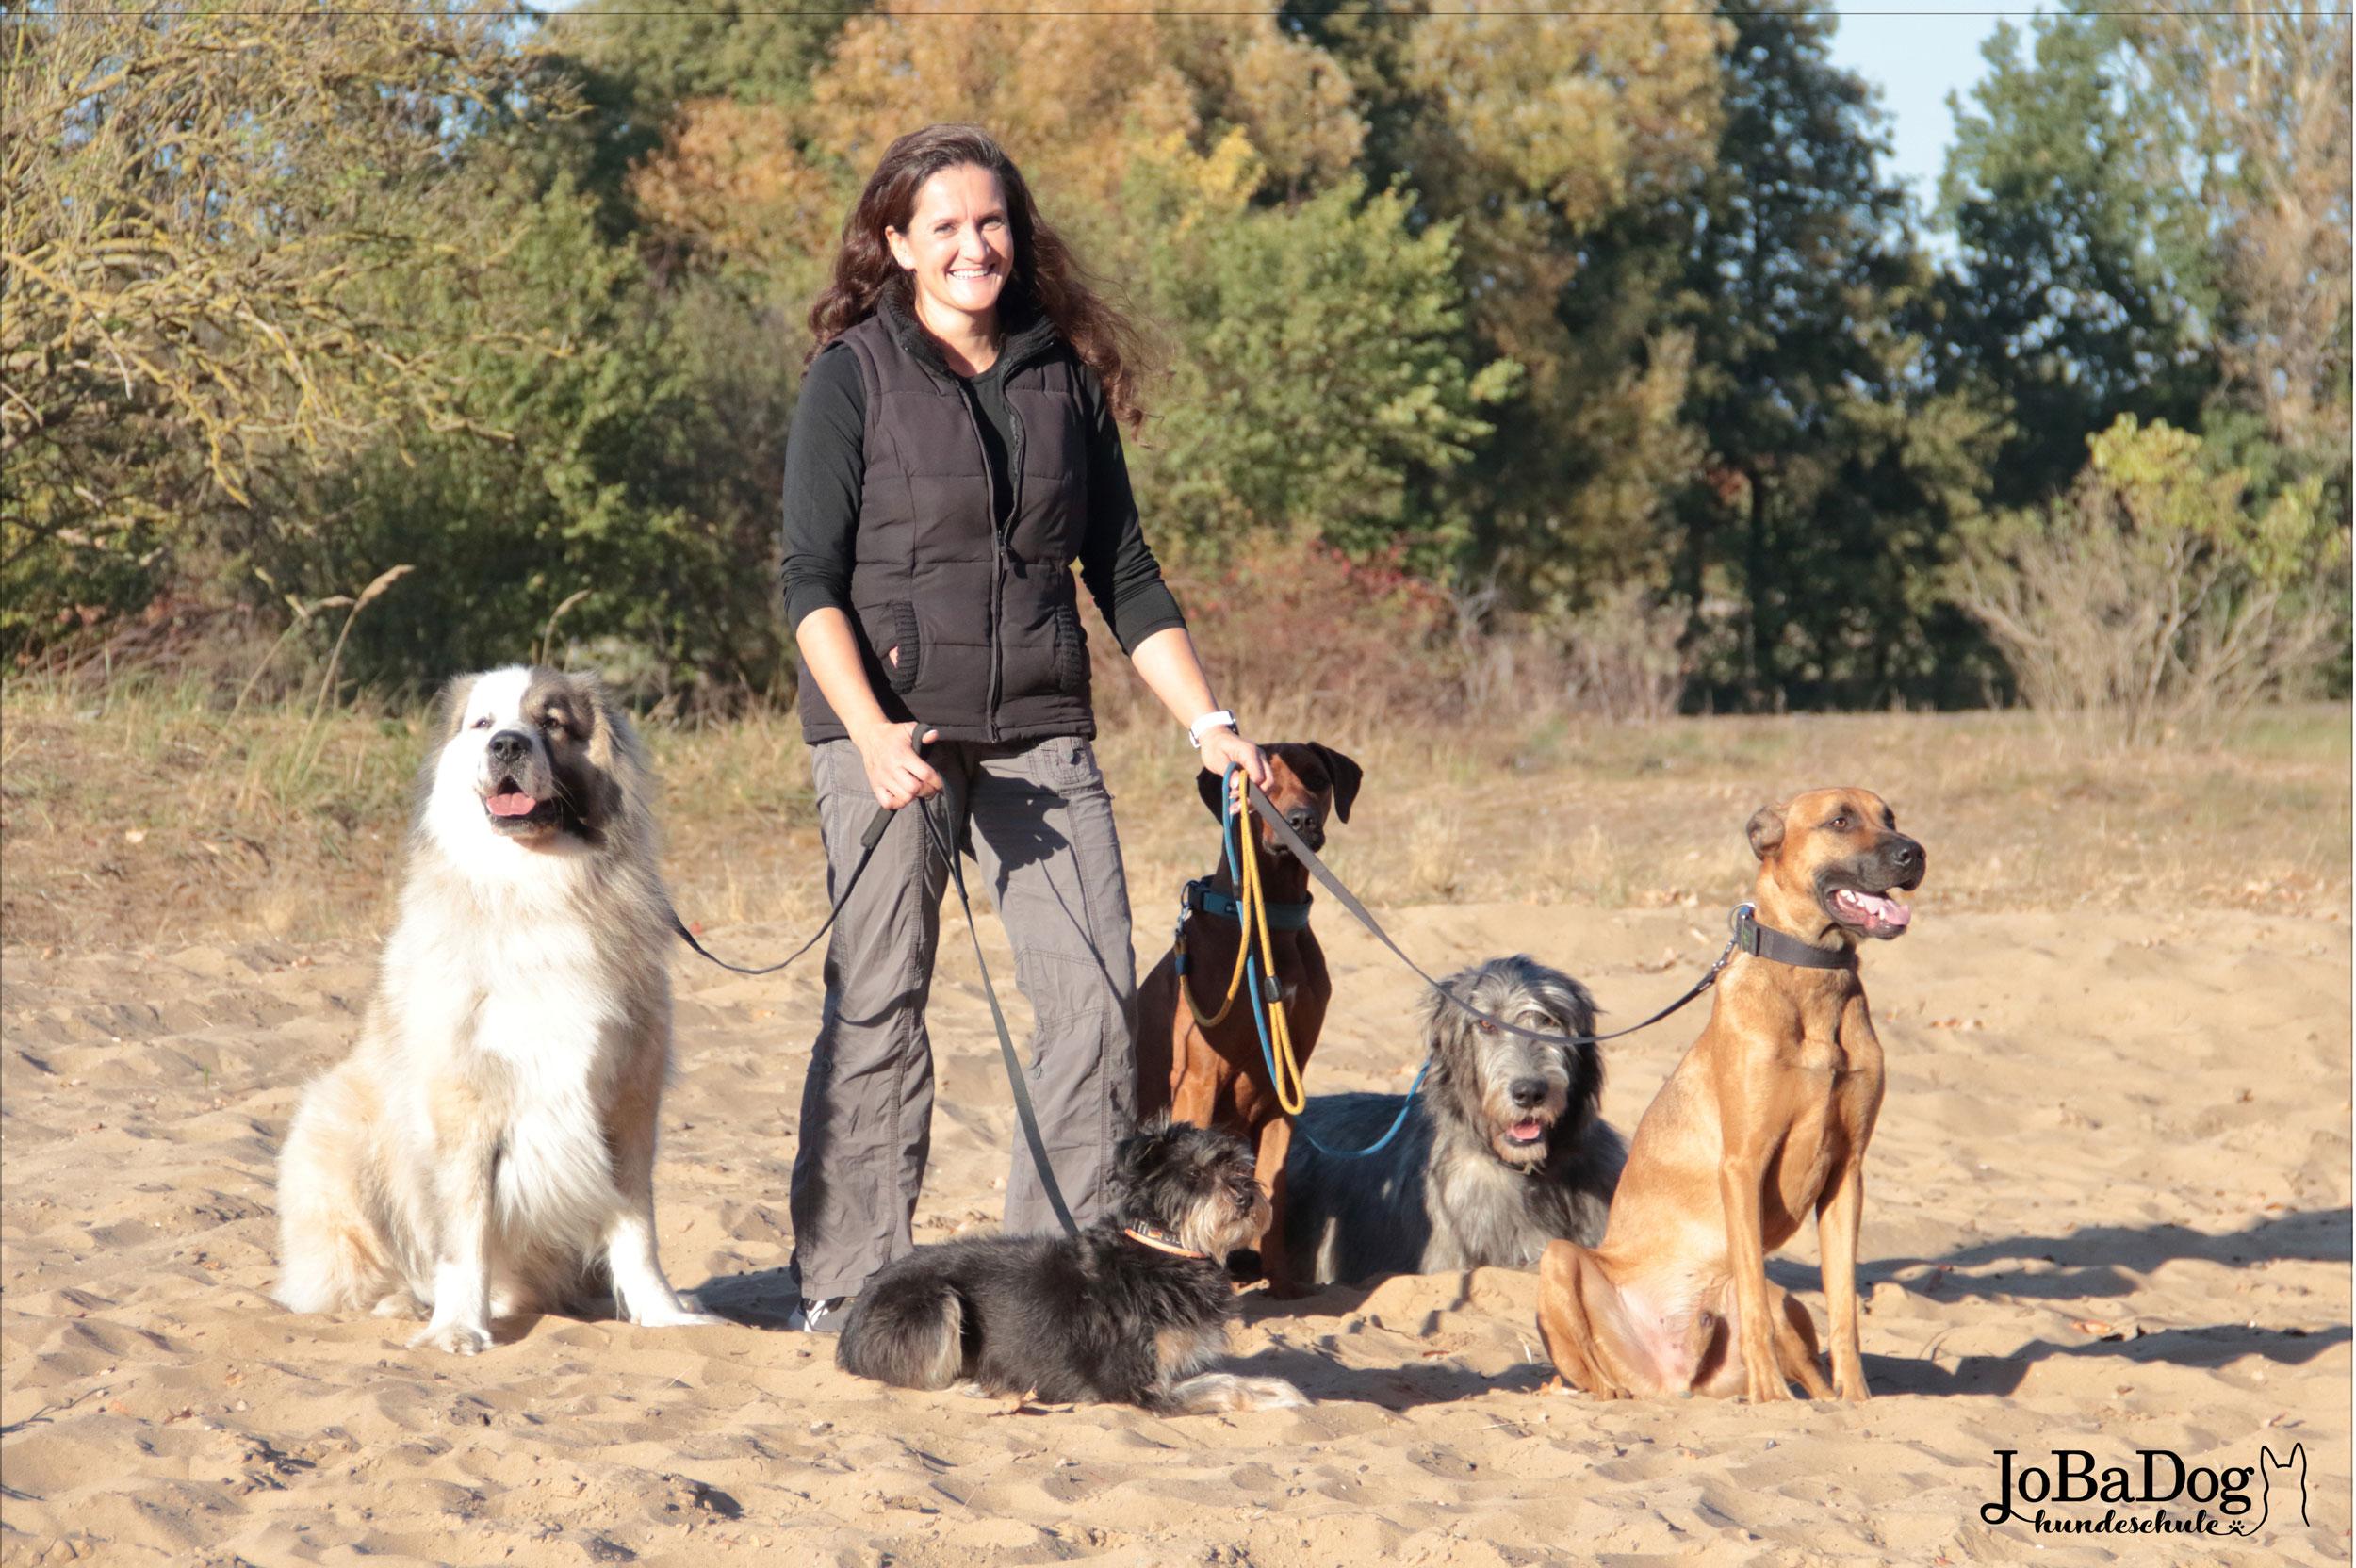 Effizientes Training bedeutet Hunde unter Berücksichtigung der Rasse auszubilden und nicht alle über einen Kamm zu scheren. -